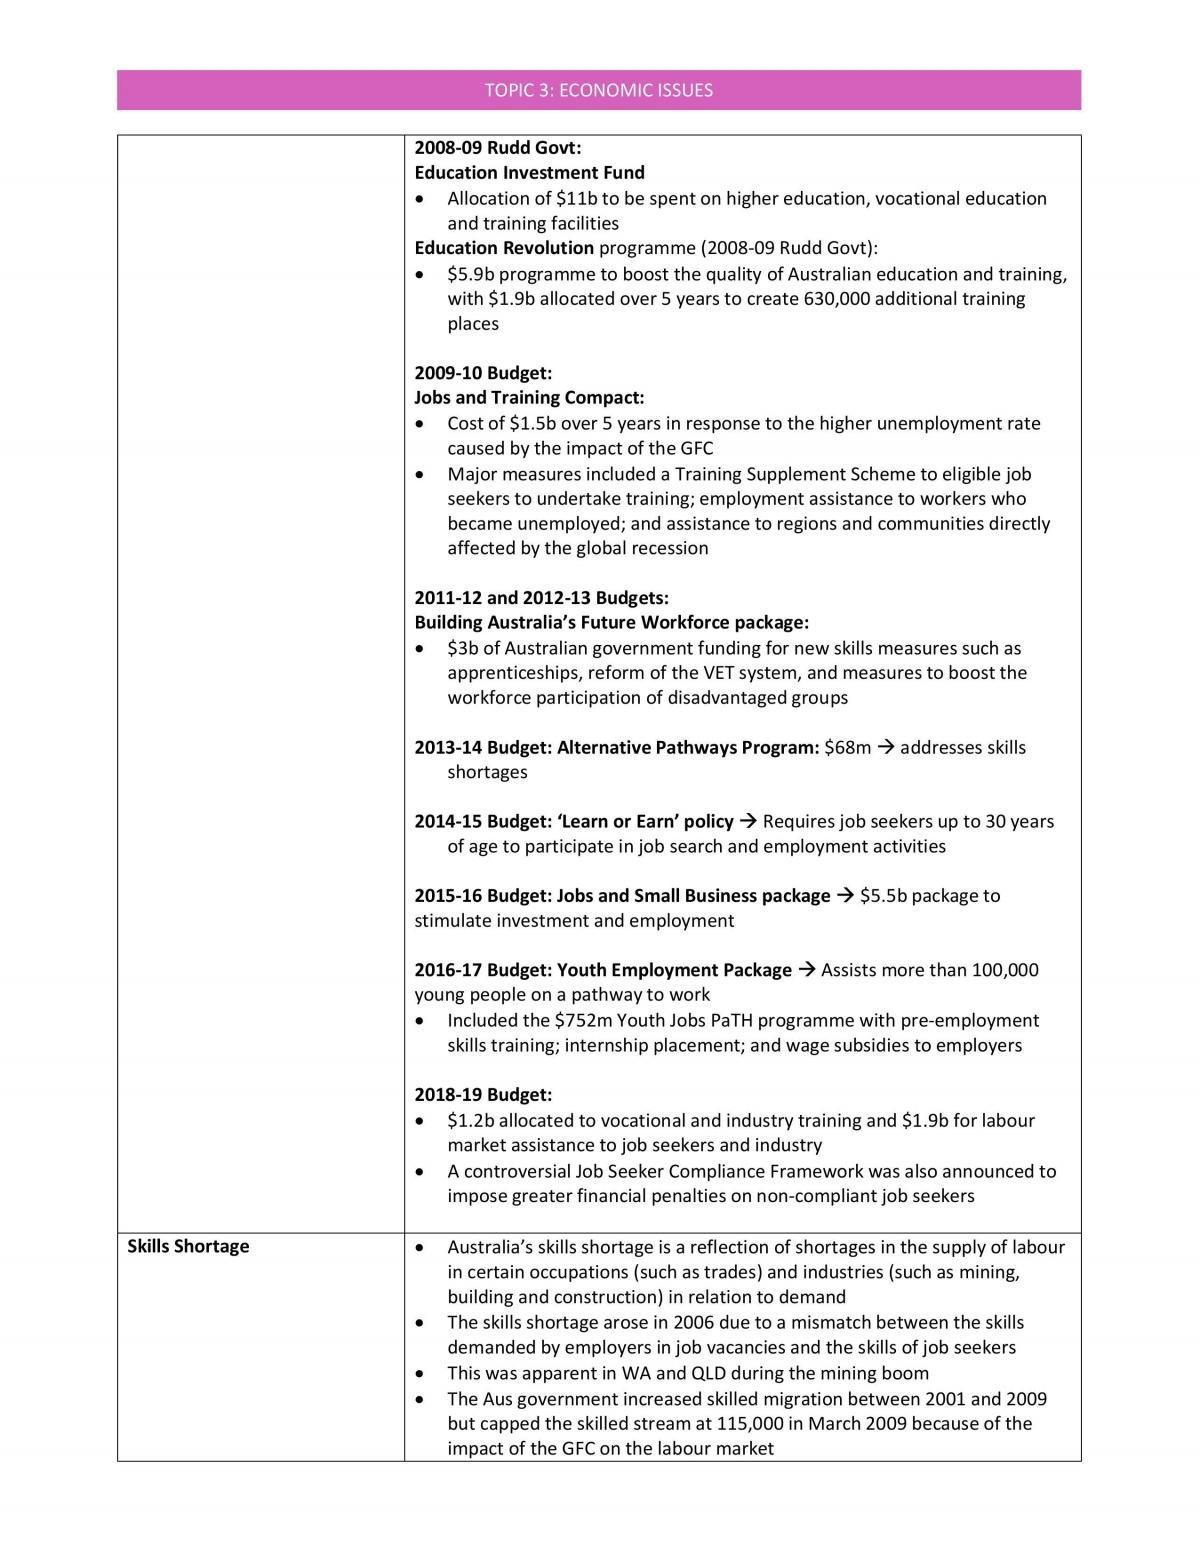 Economic Issues Economics HSC - Page 29